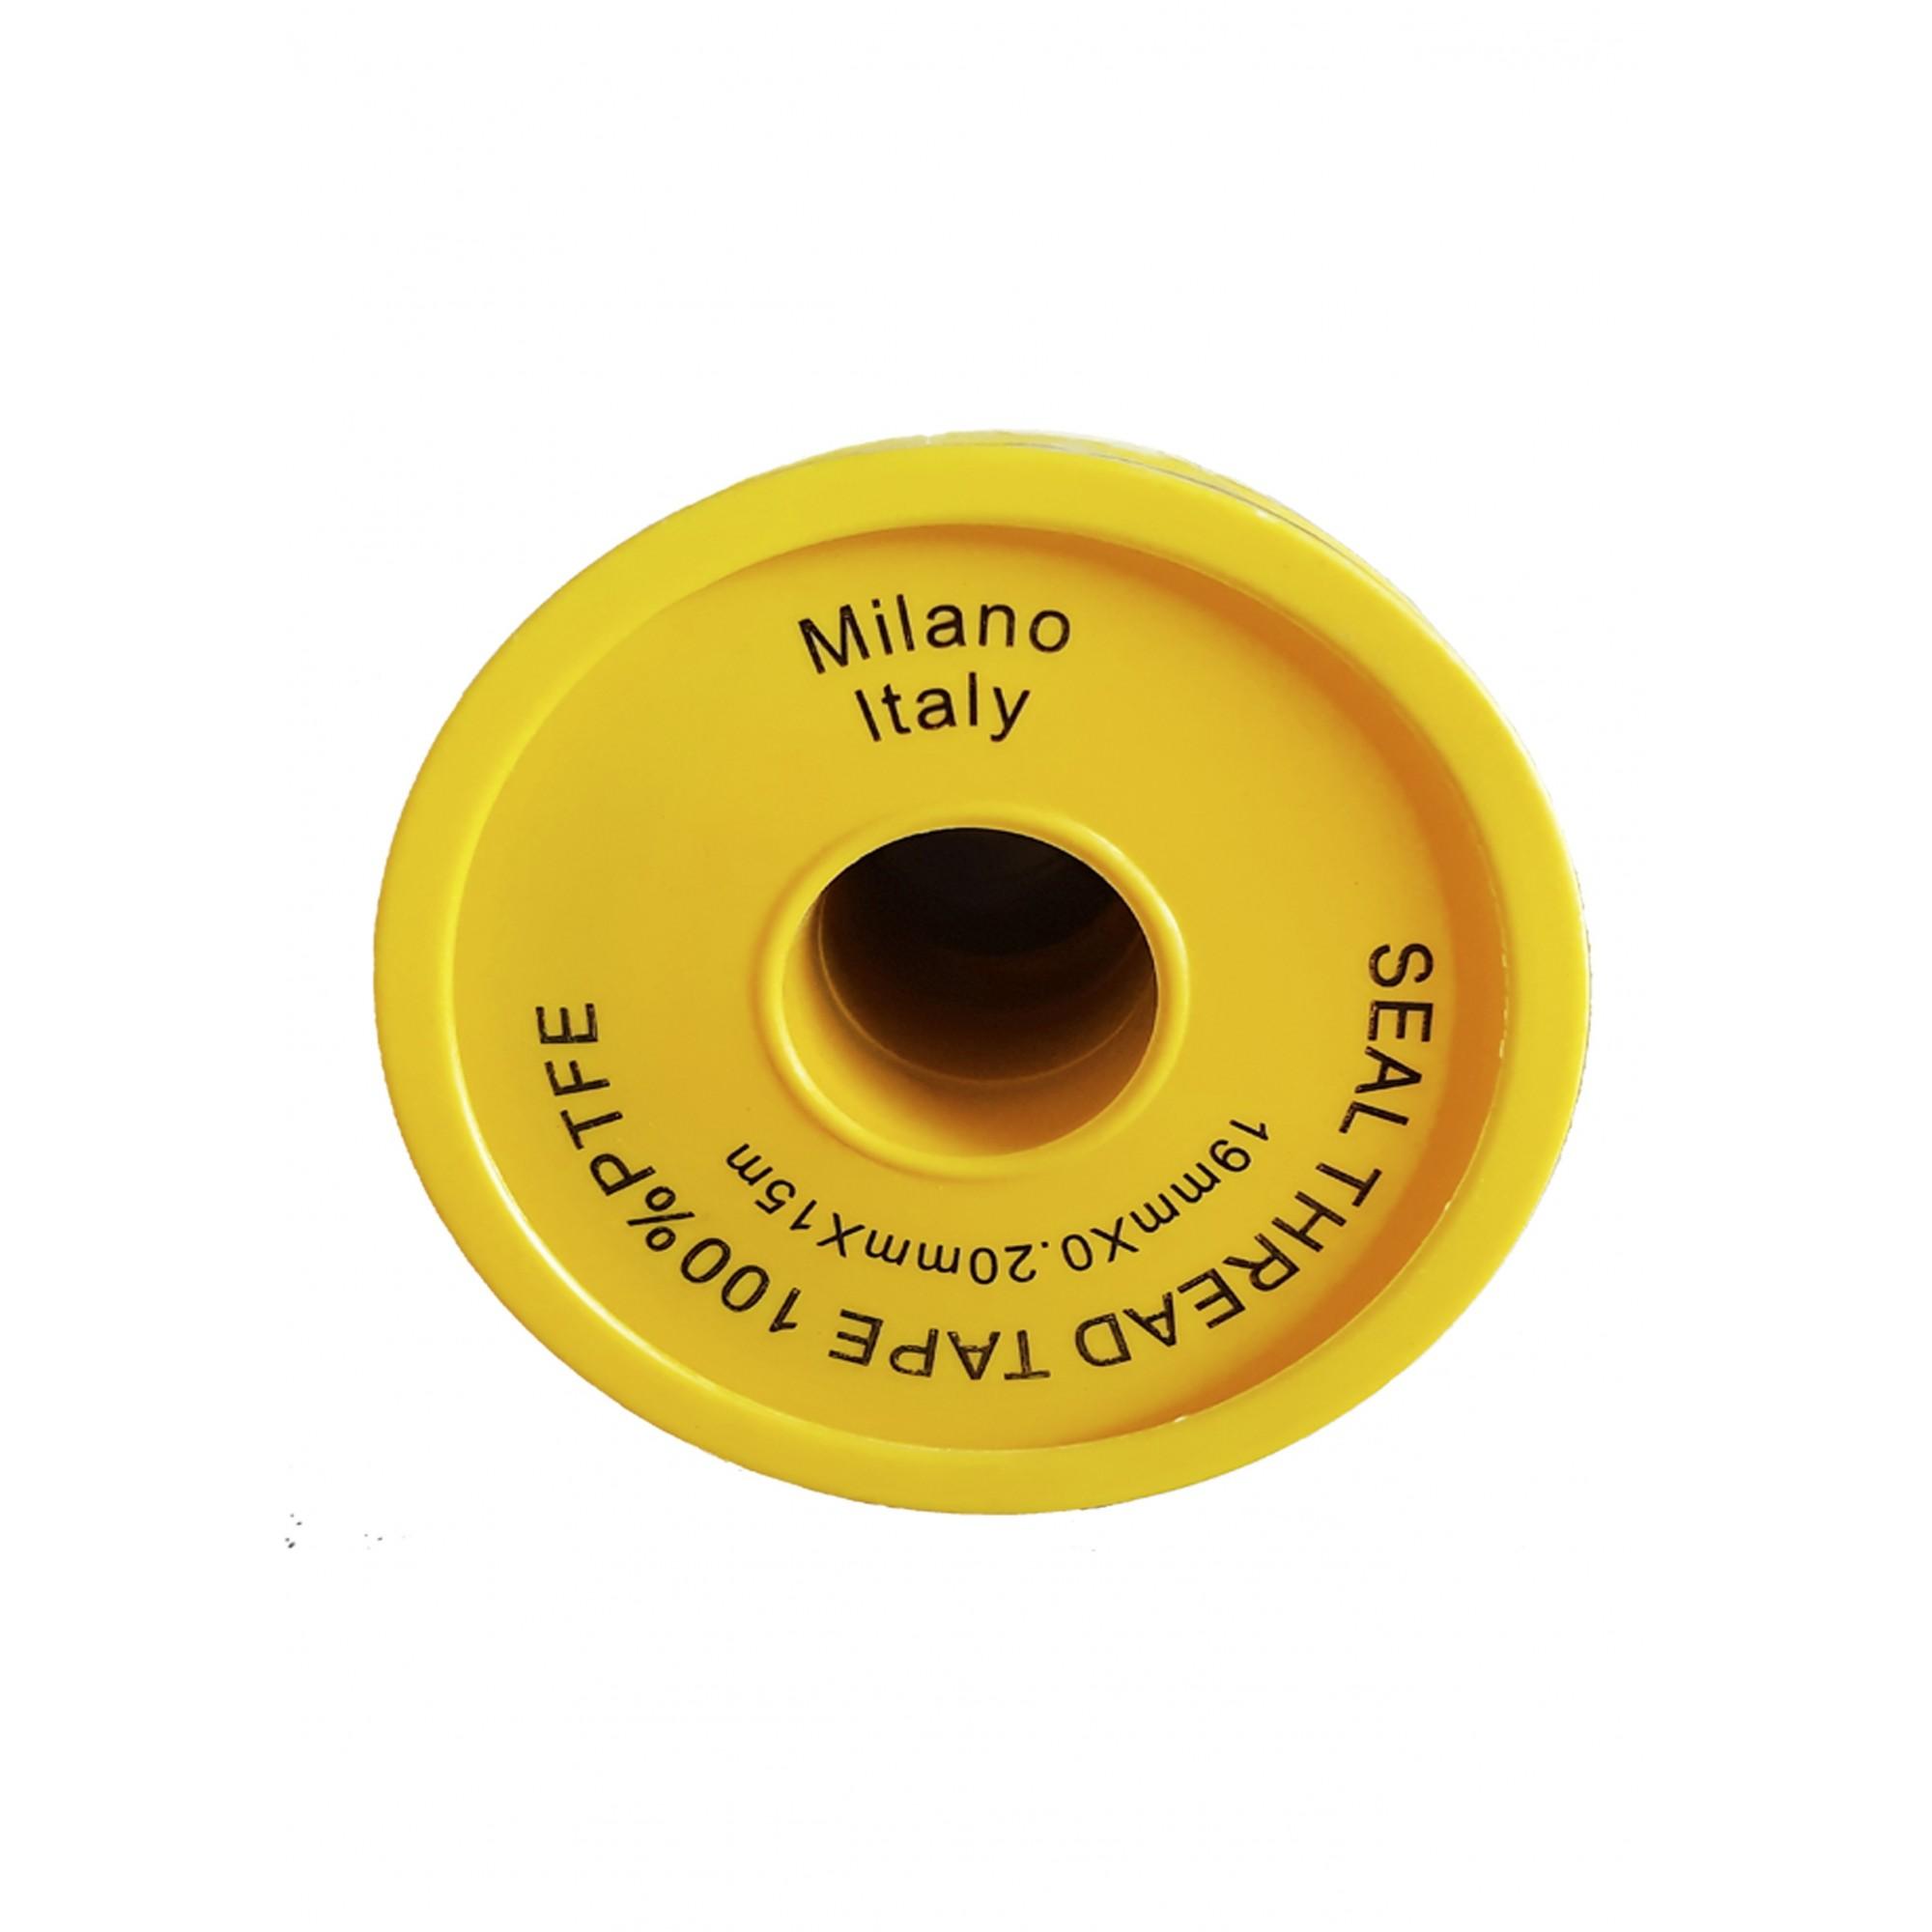 Фум лента желтая PROFI Milano 19*0.2*15м  - 1